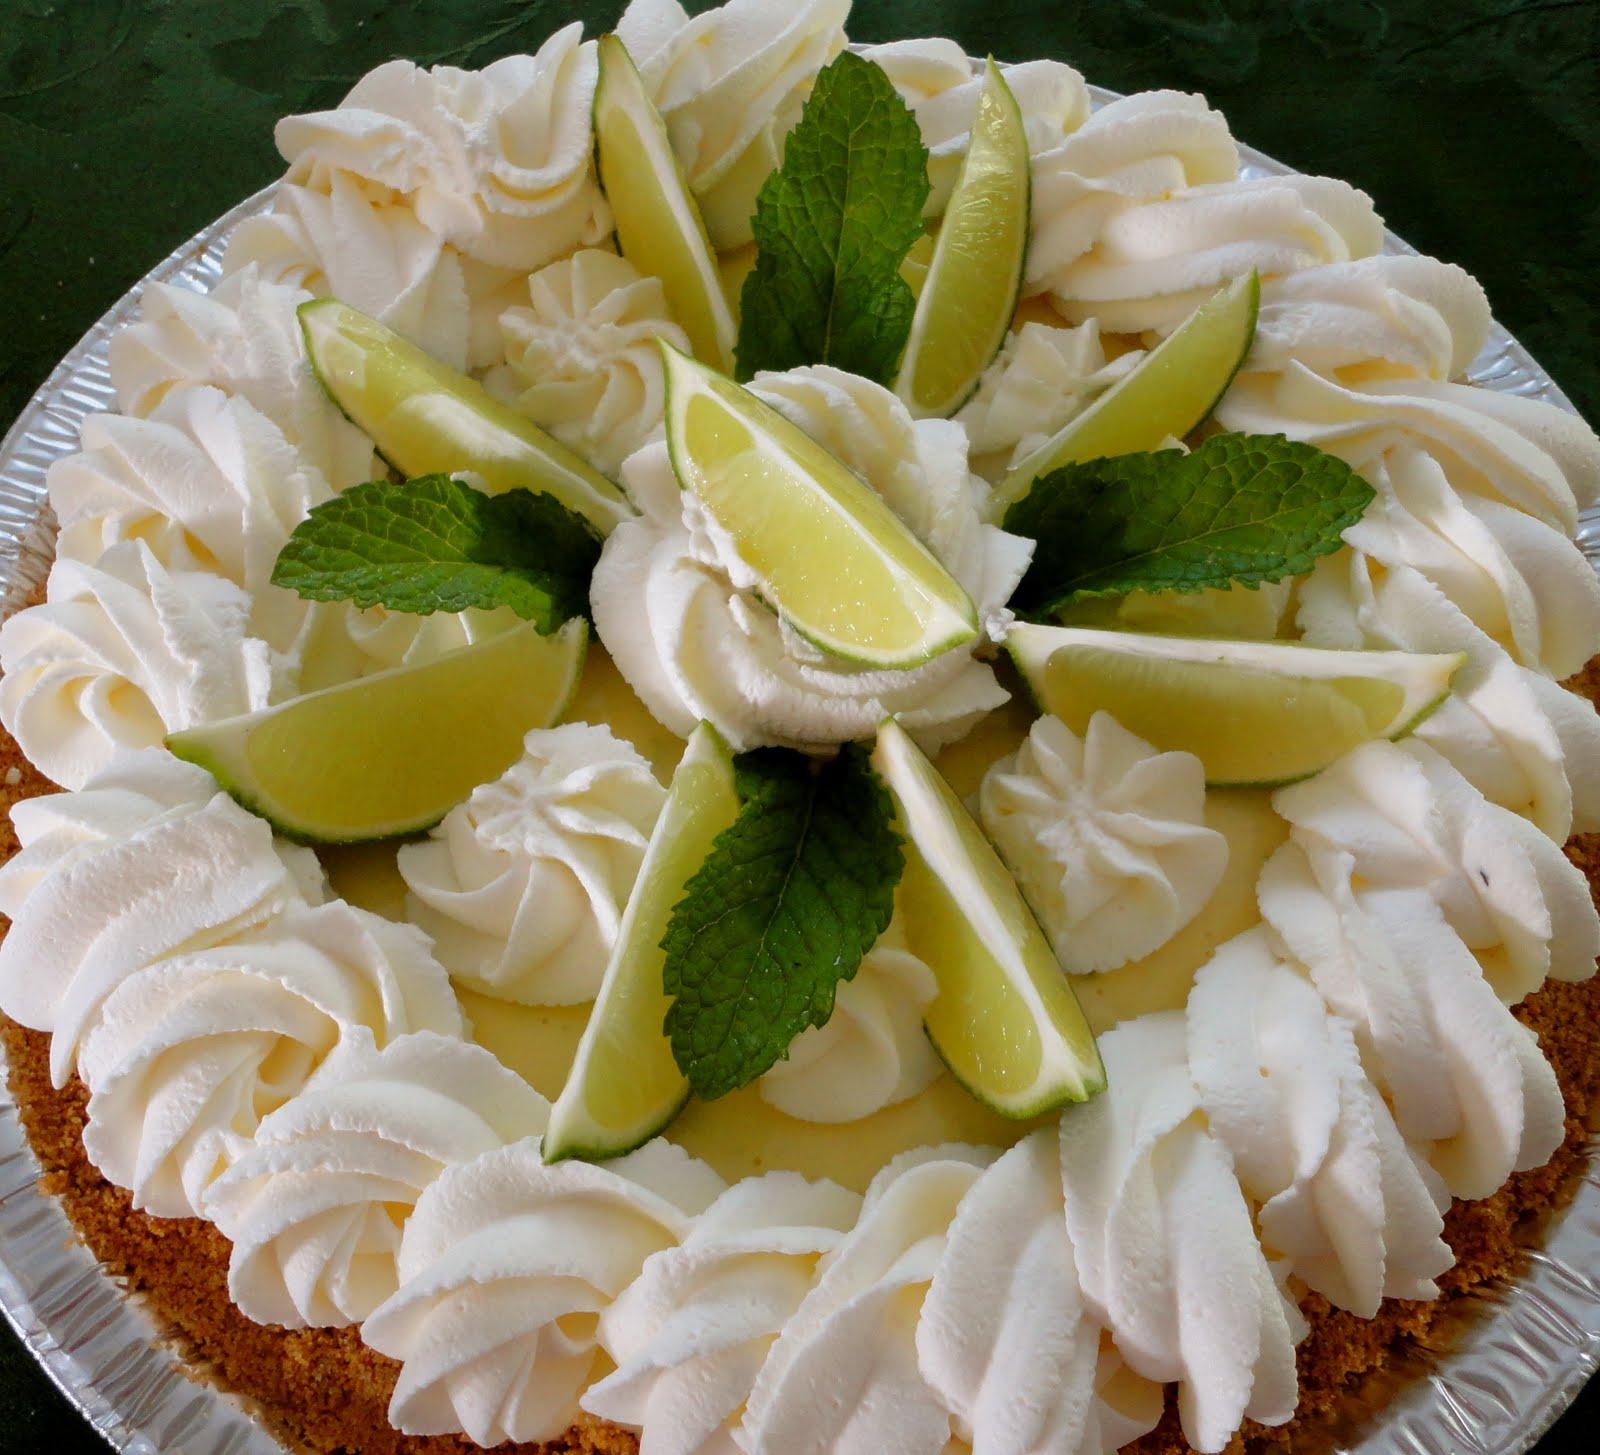 Cuisine with Chilean flavor: Frozen Key Lime Pie